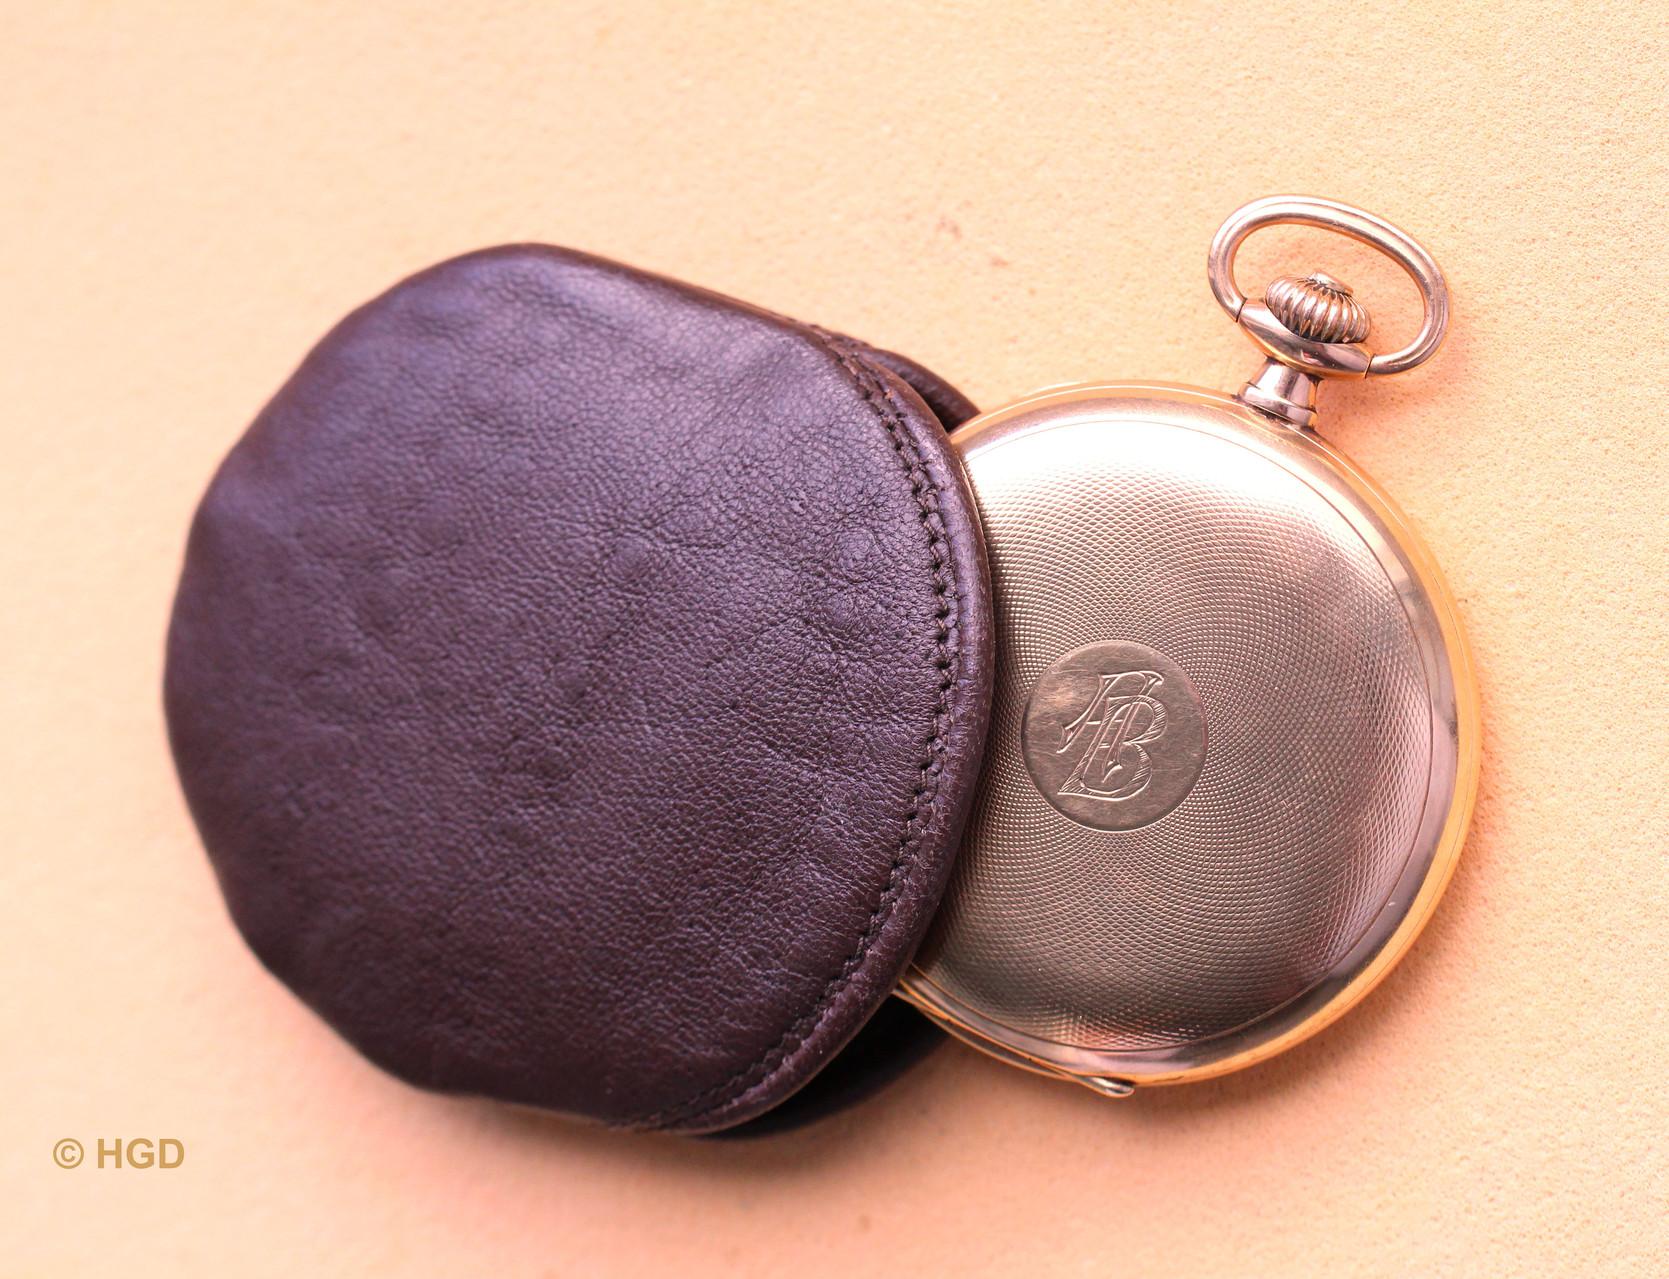 Von der Uhrenfabrik Akt. Ges. Glashütte Sa. (UFAG) mit einem Feingehalt von 585/1000 gefertigtes Goldgehäuse und original zur Uhr gehörige Lederschutzhülle